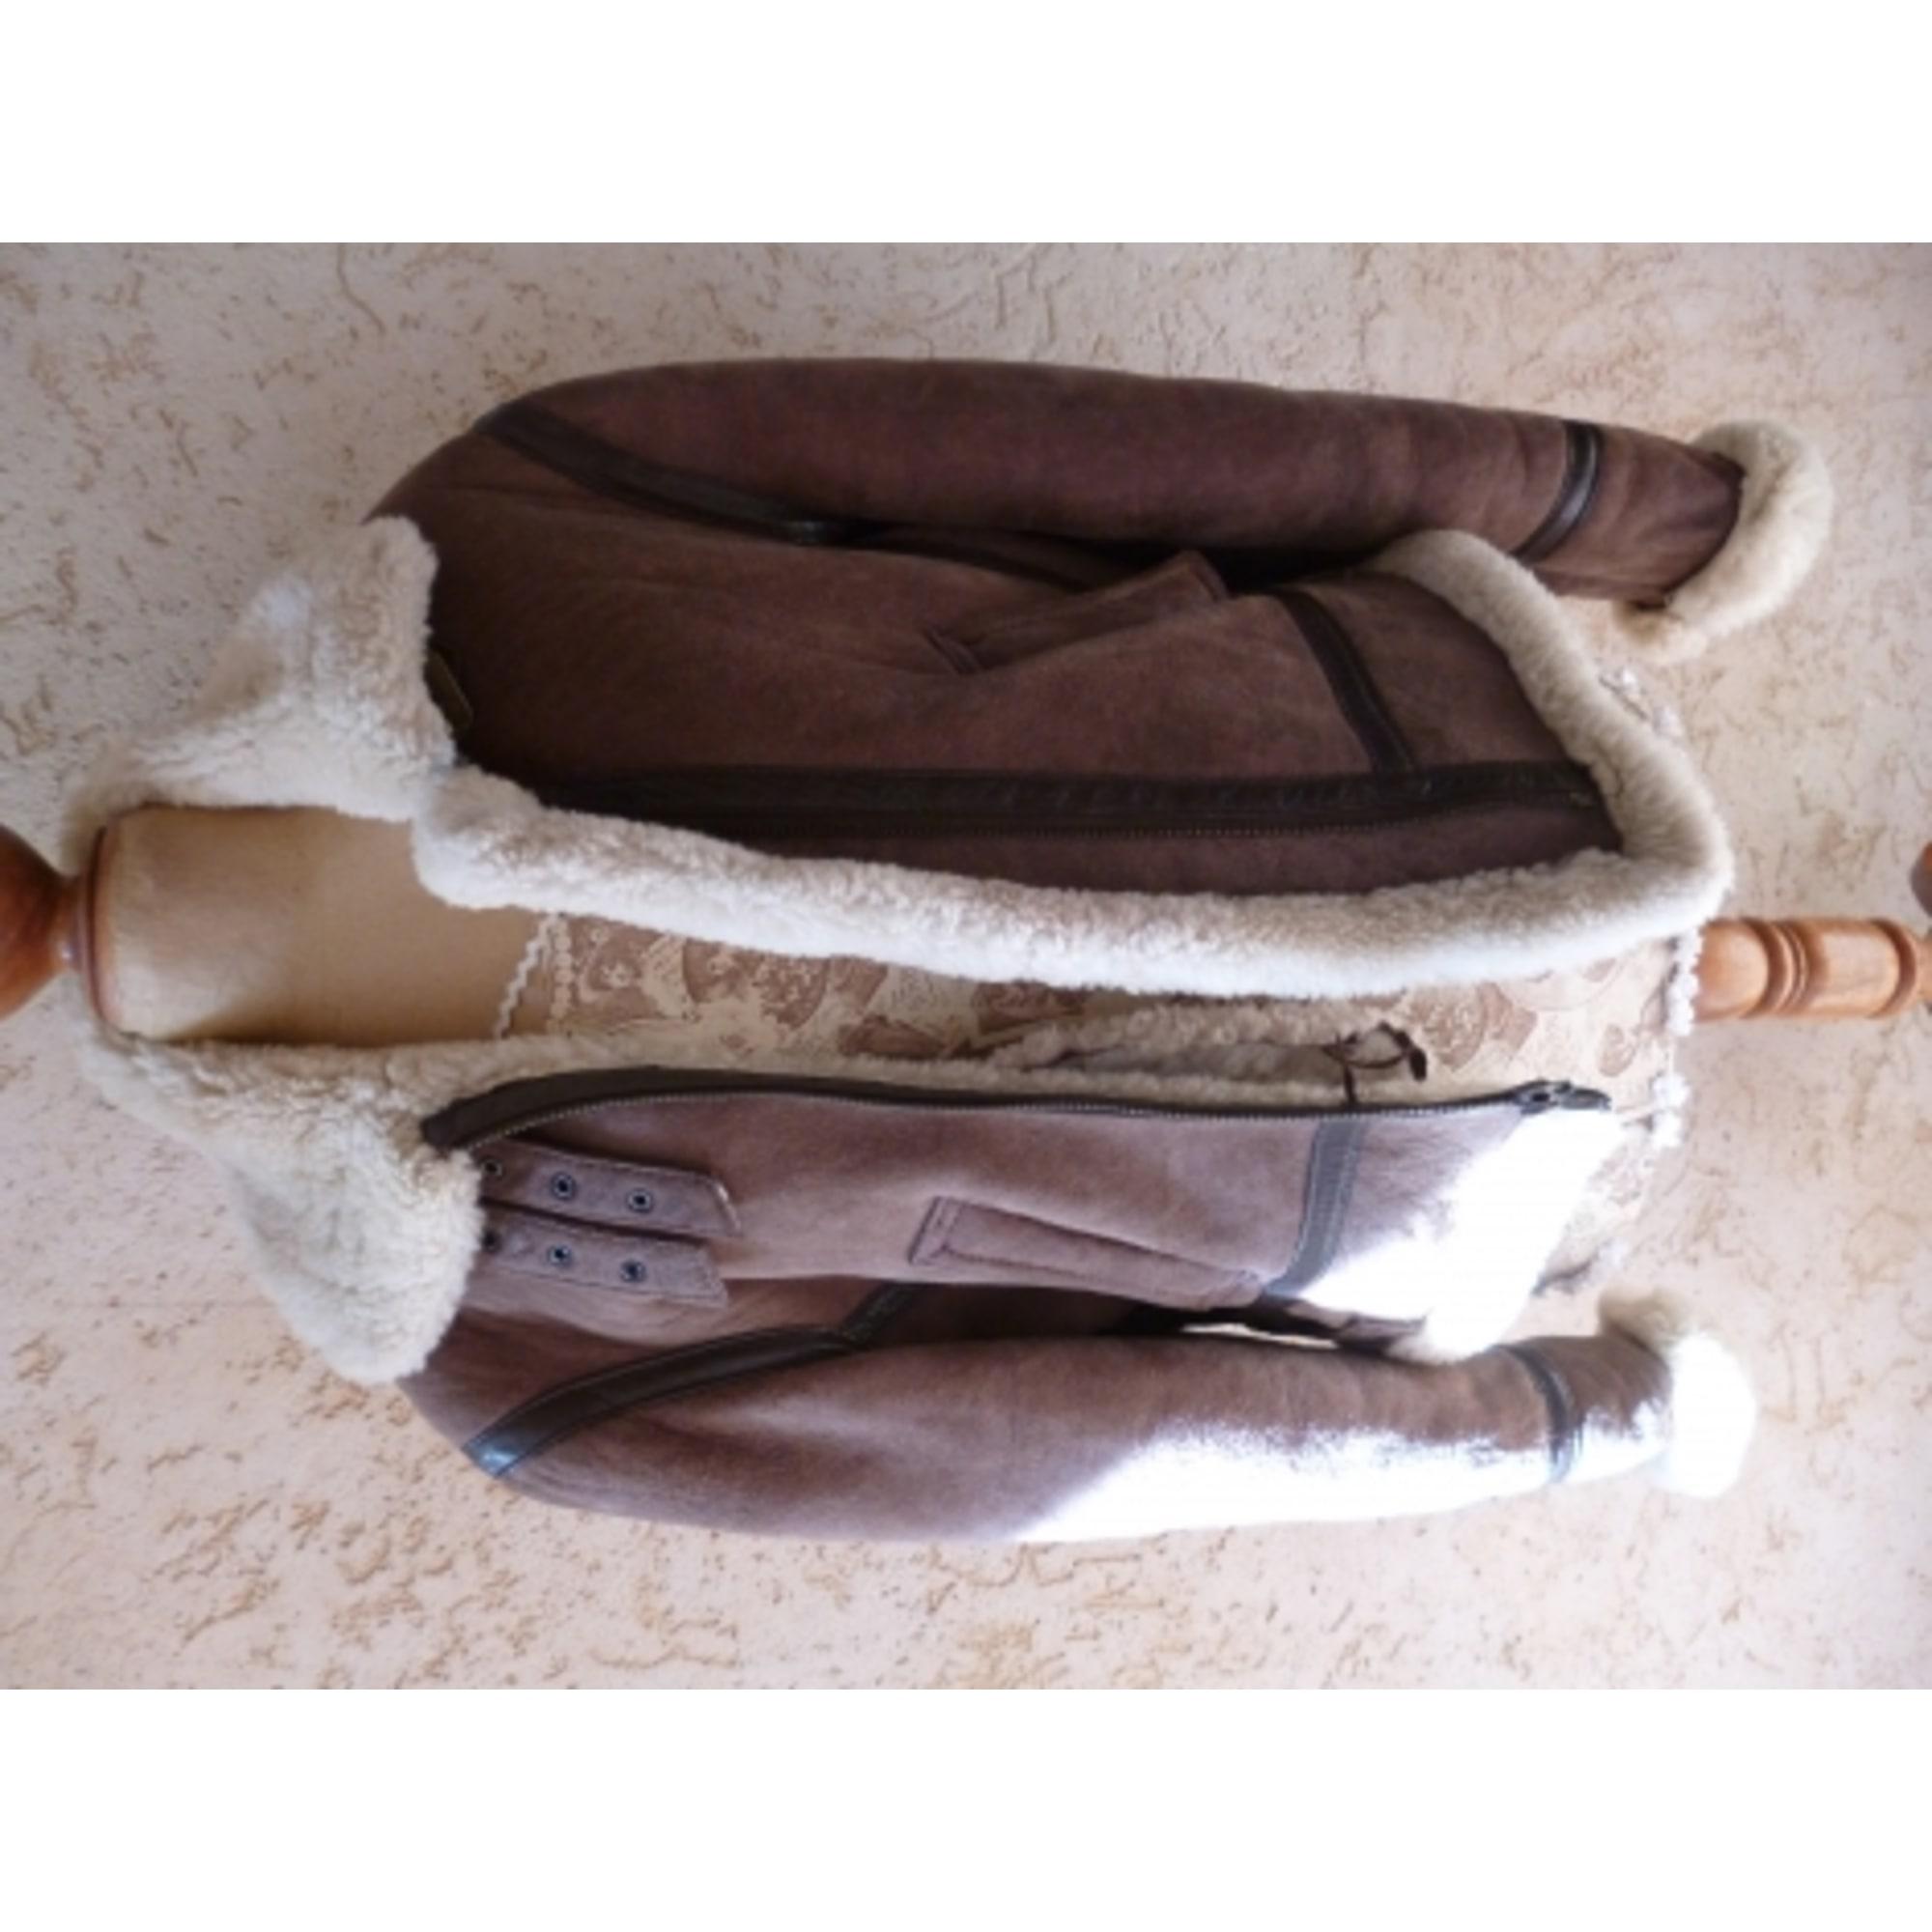 74f82ffe39023a Blouson en cuir ITINÉRANCE CUIR 40 (L, T3) marron vendu par D elodie ...